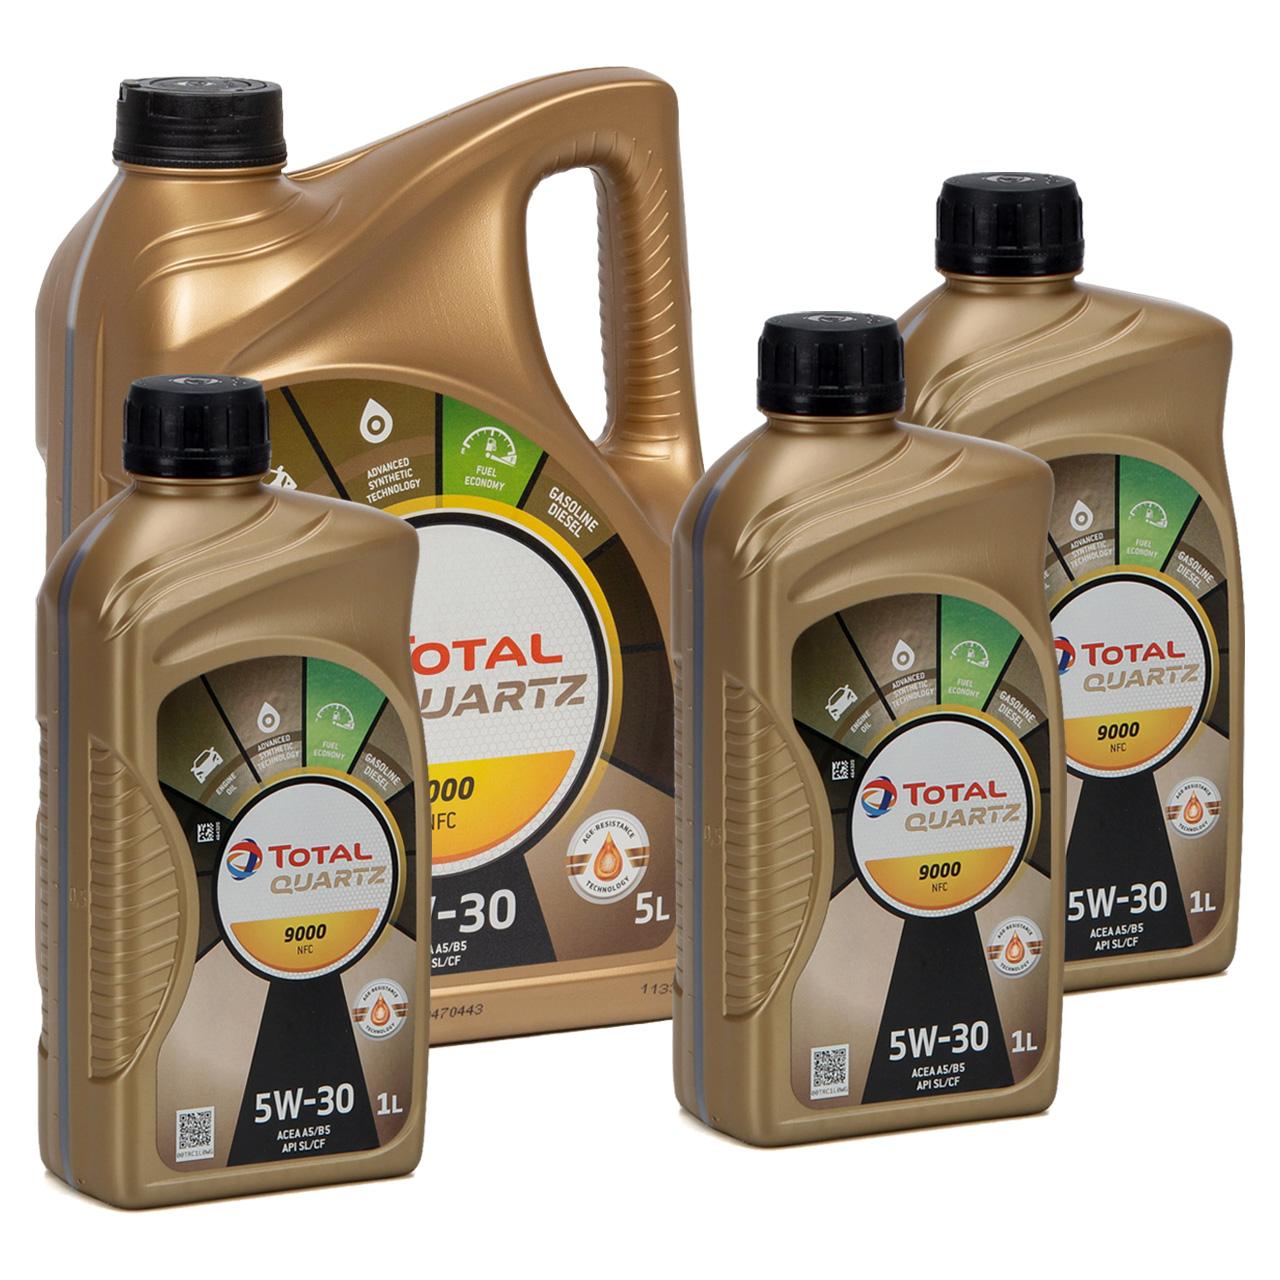 8L 8 Liter TOTAL Motoröl Öl QUARTZ 9000 NFC 5W-30 ACEA A5/B5 FORD WSS-M2C913-D